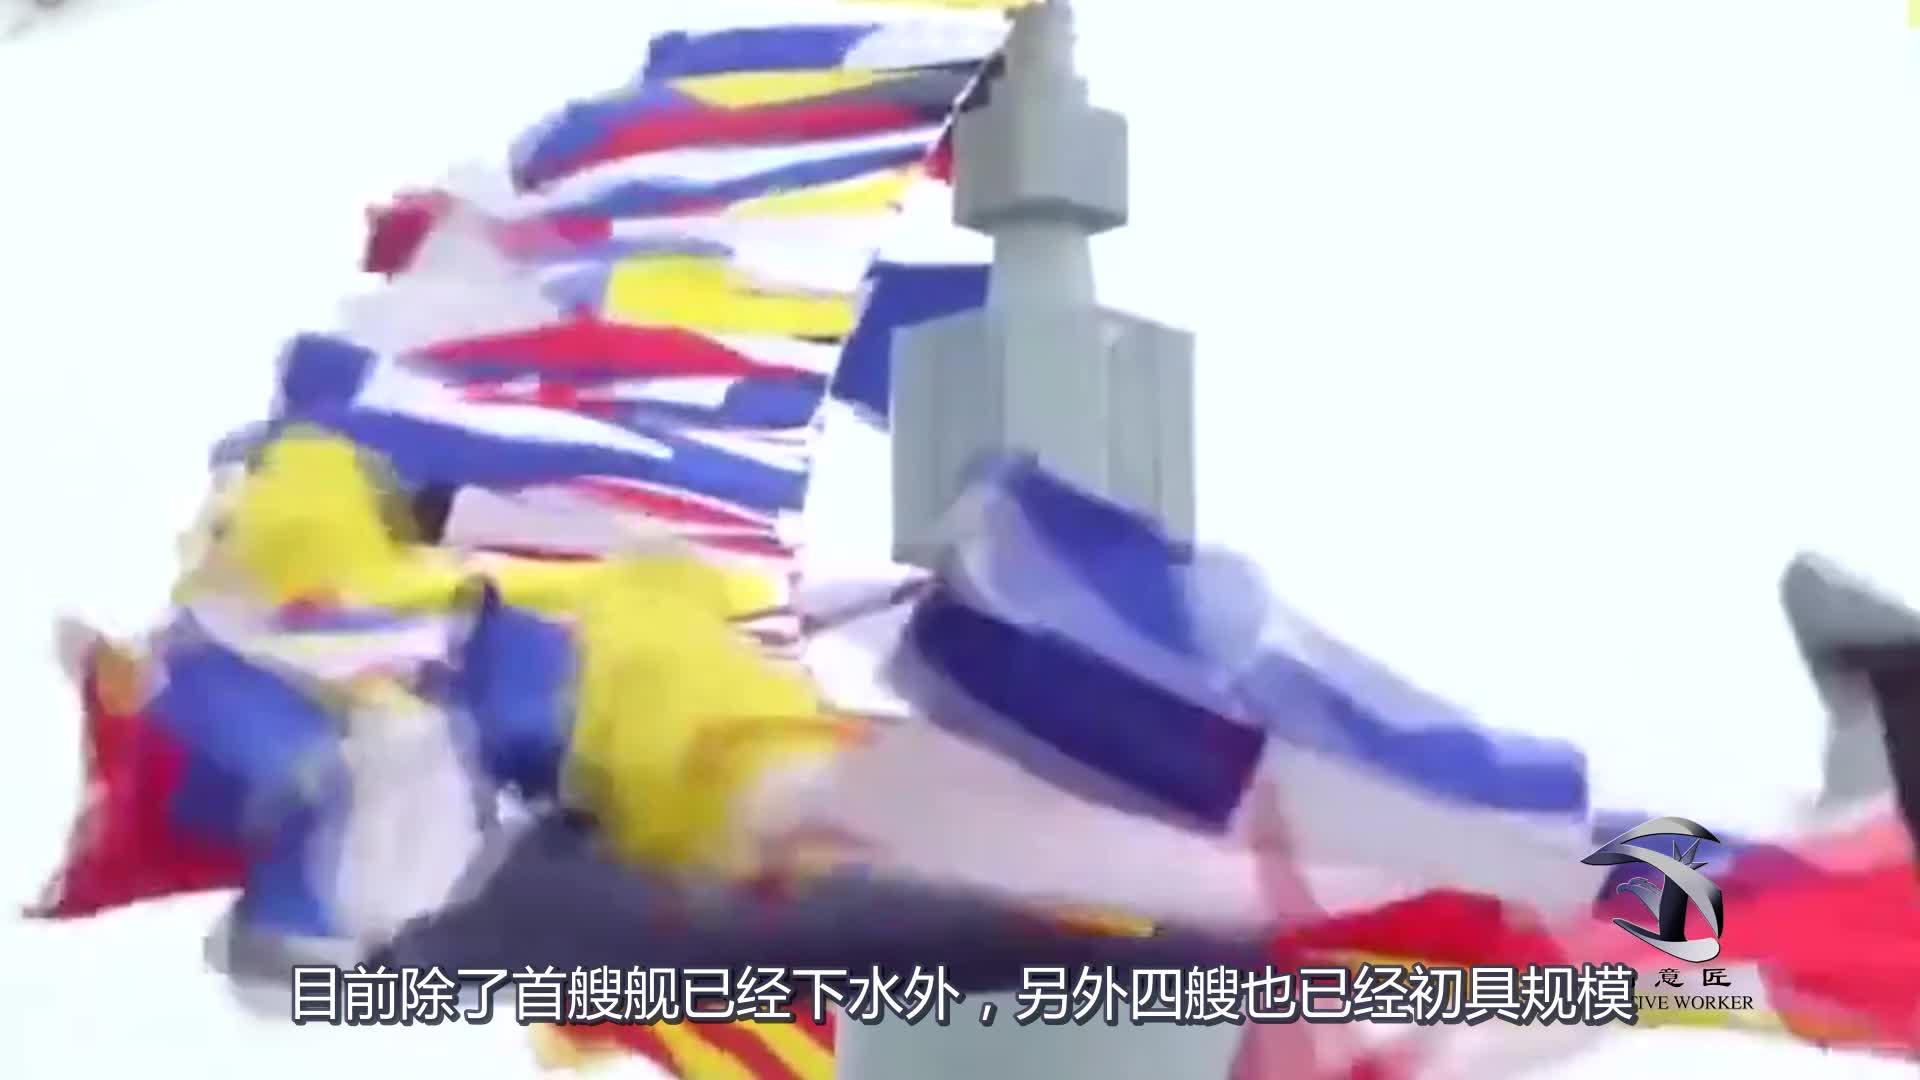 中国有055大驱为何还不断造052D?俄专家一语切中要害